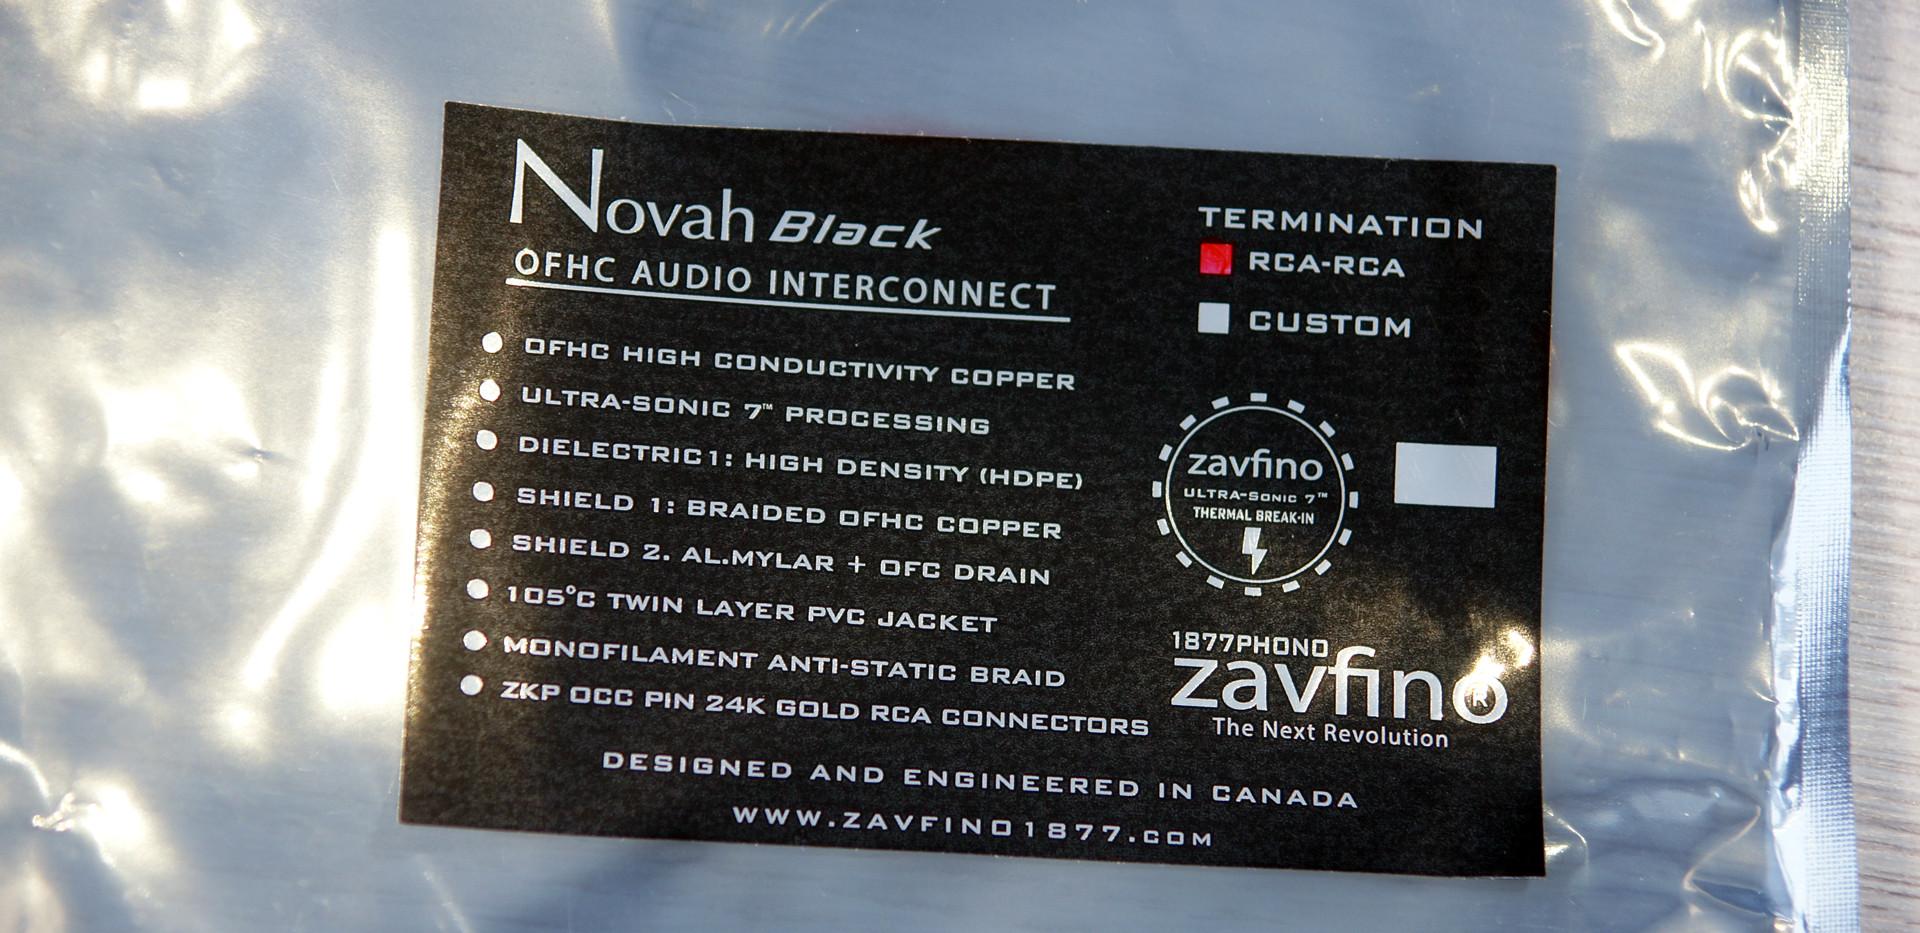 Zavfino-Novah-black